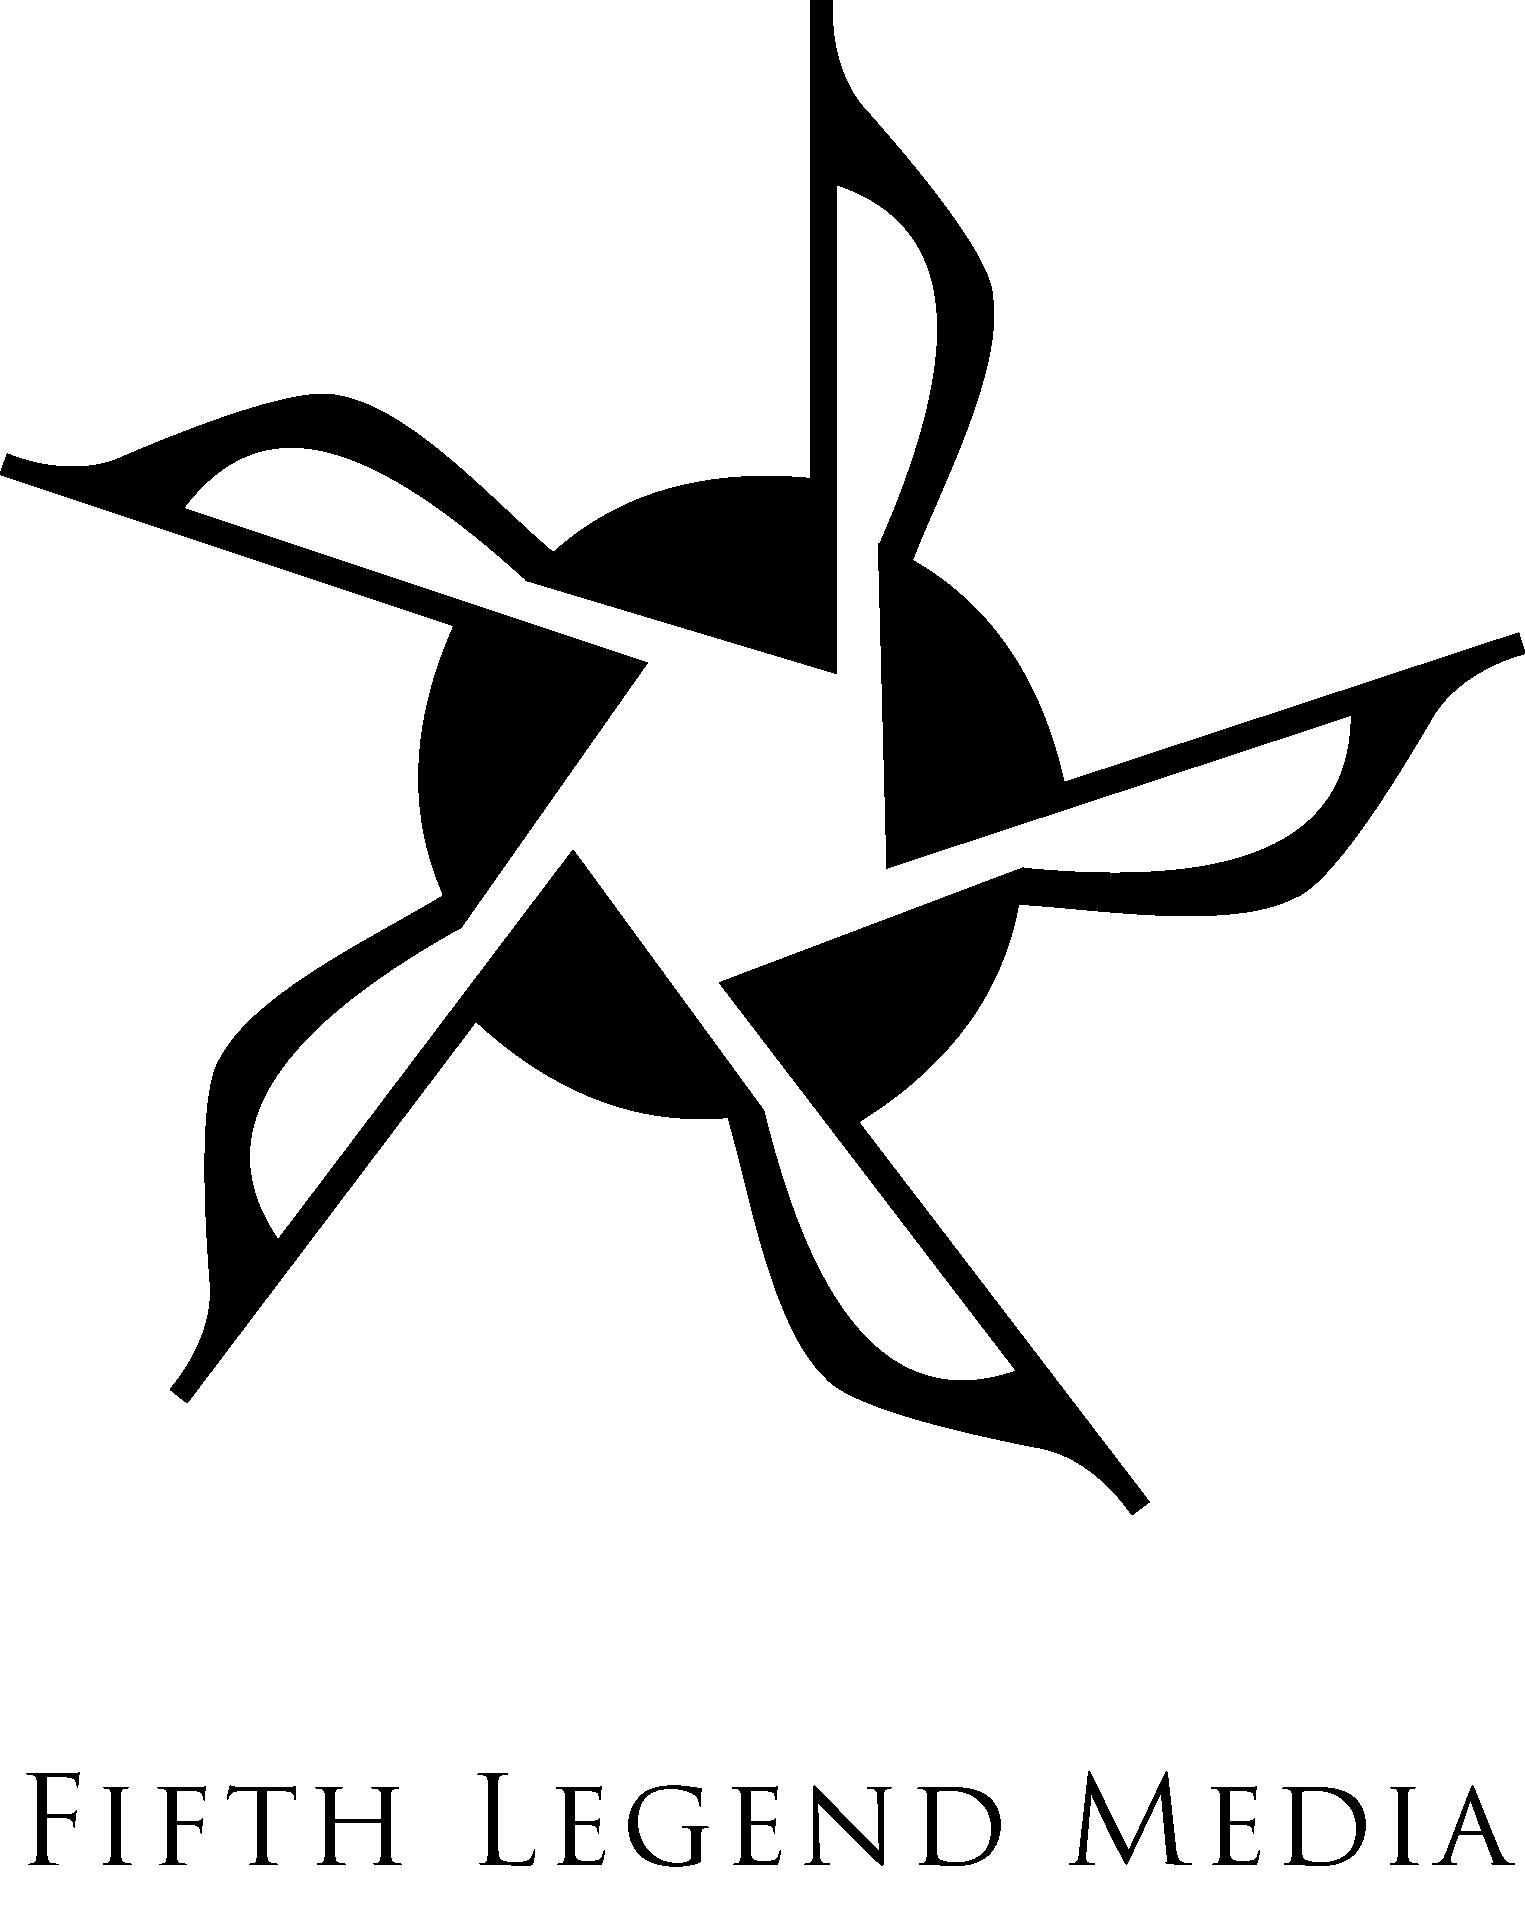 FLM_logo_black.png